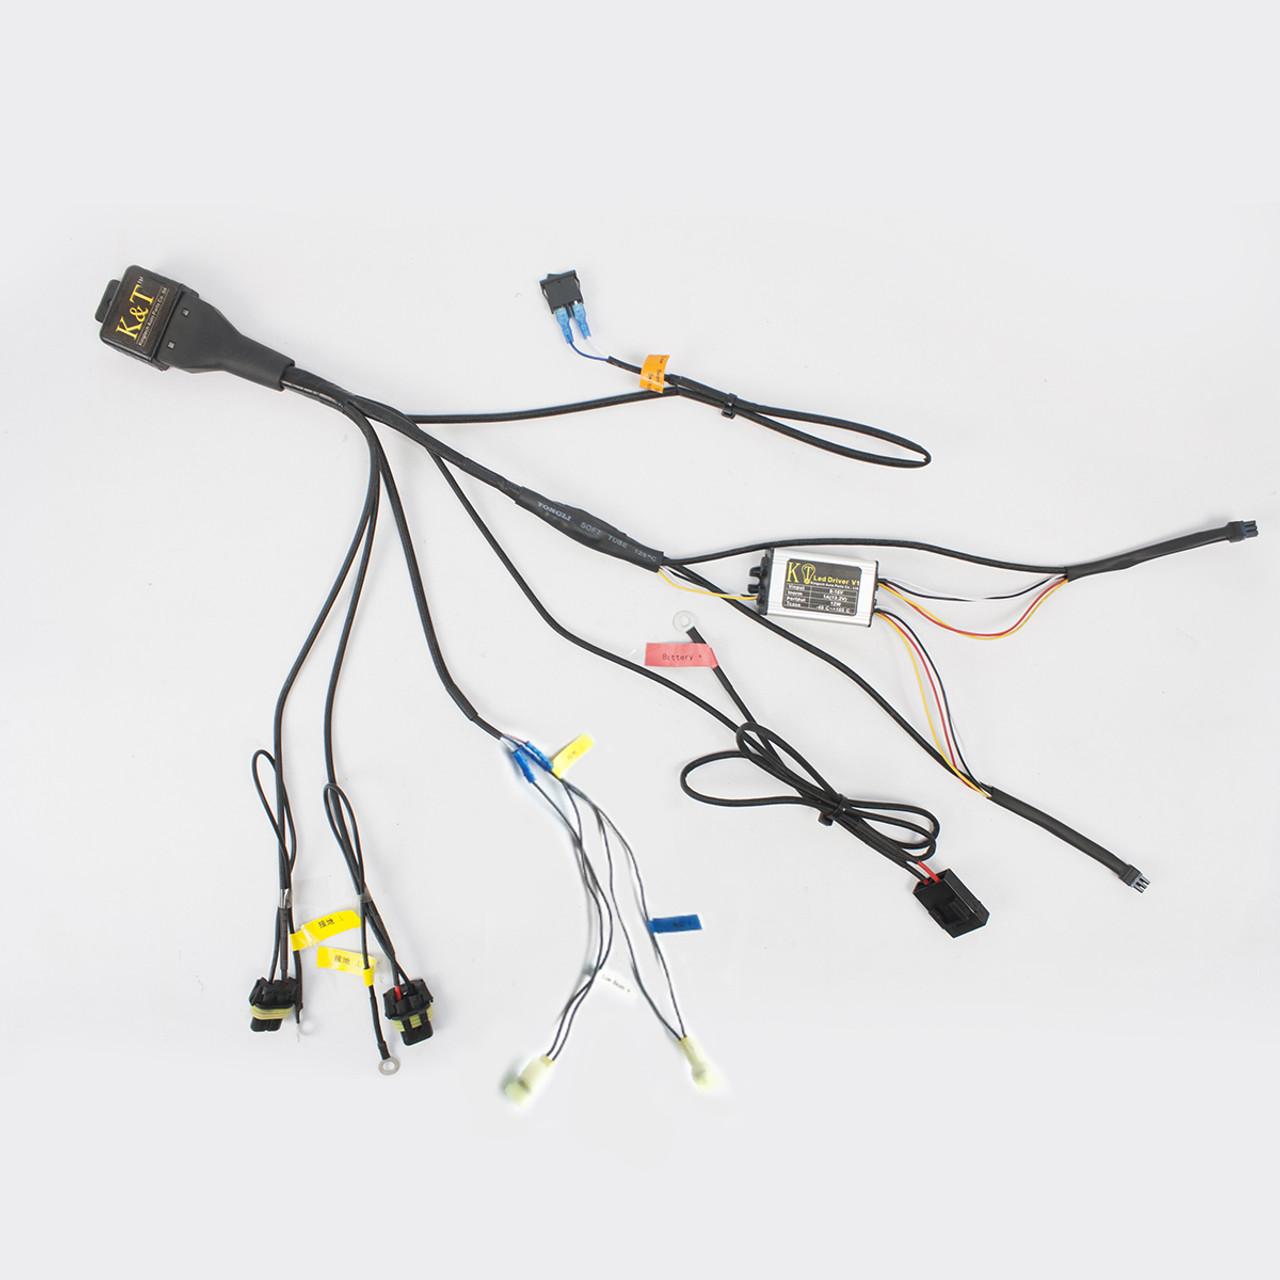 medium resolution of tailor made relay wiring harness for kt honda custom headlight